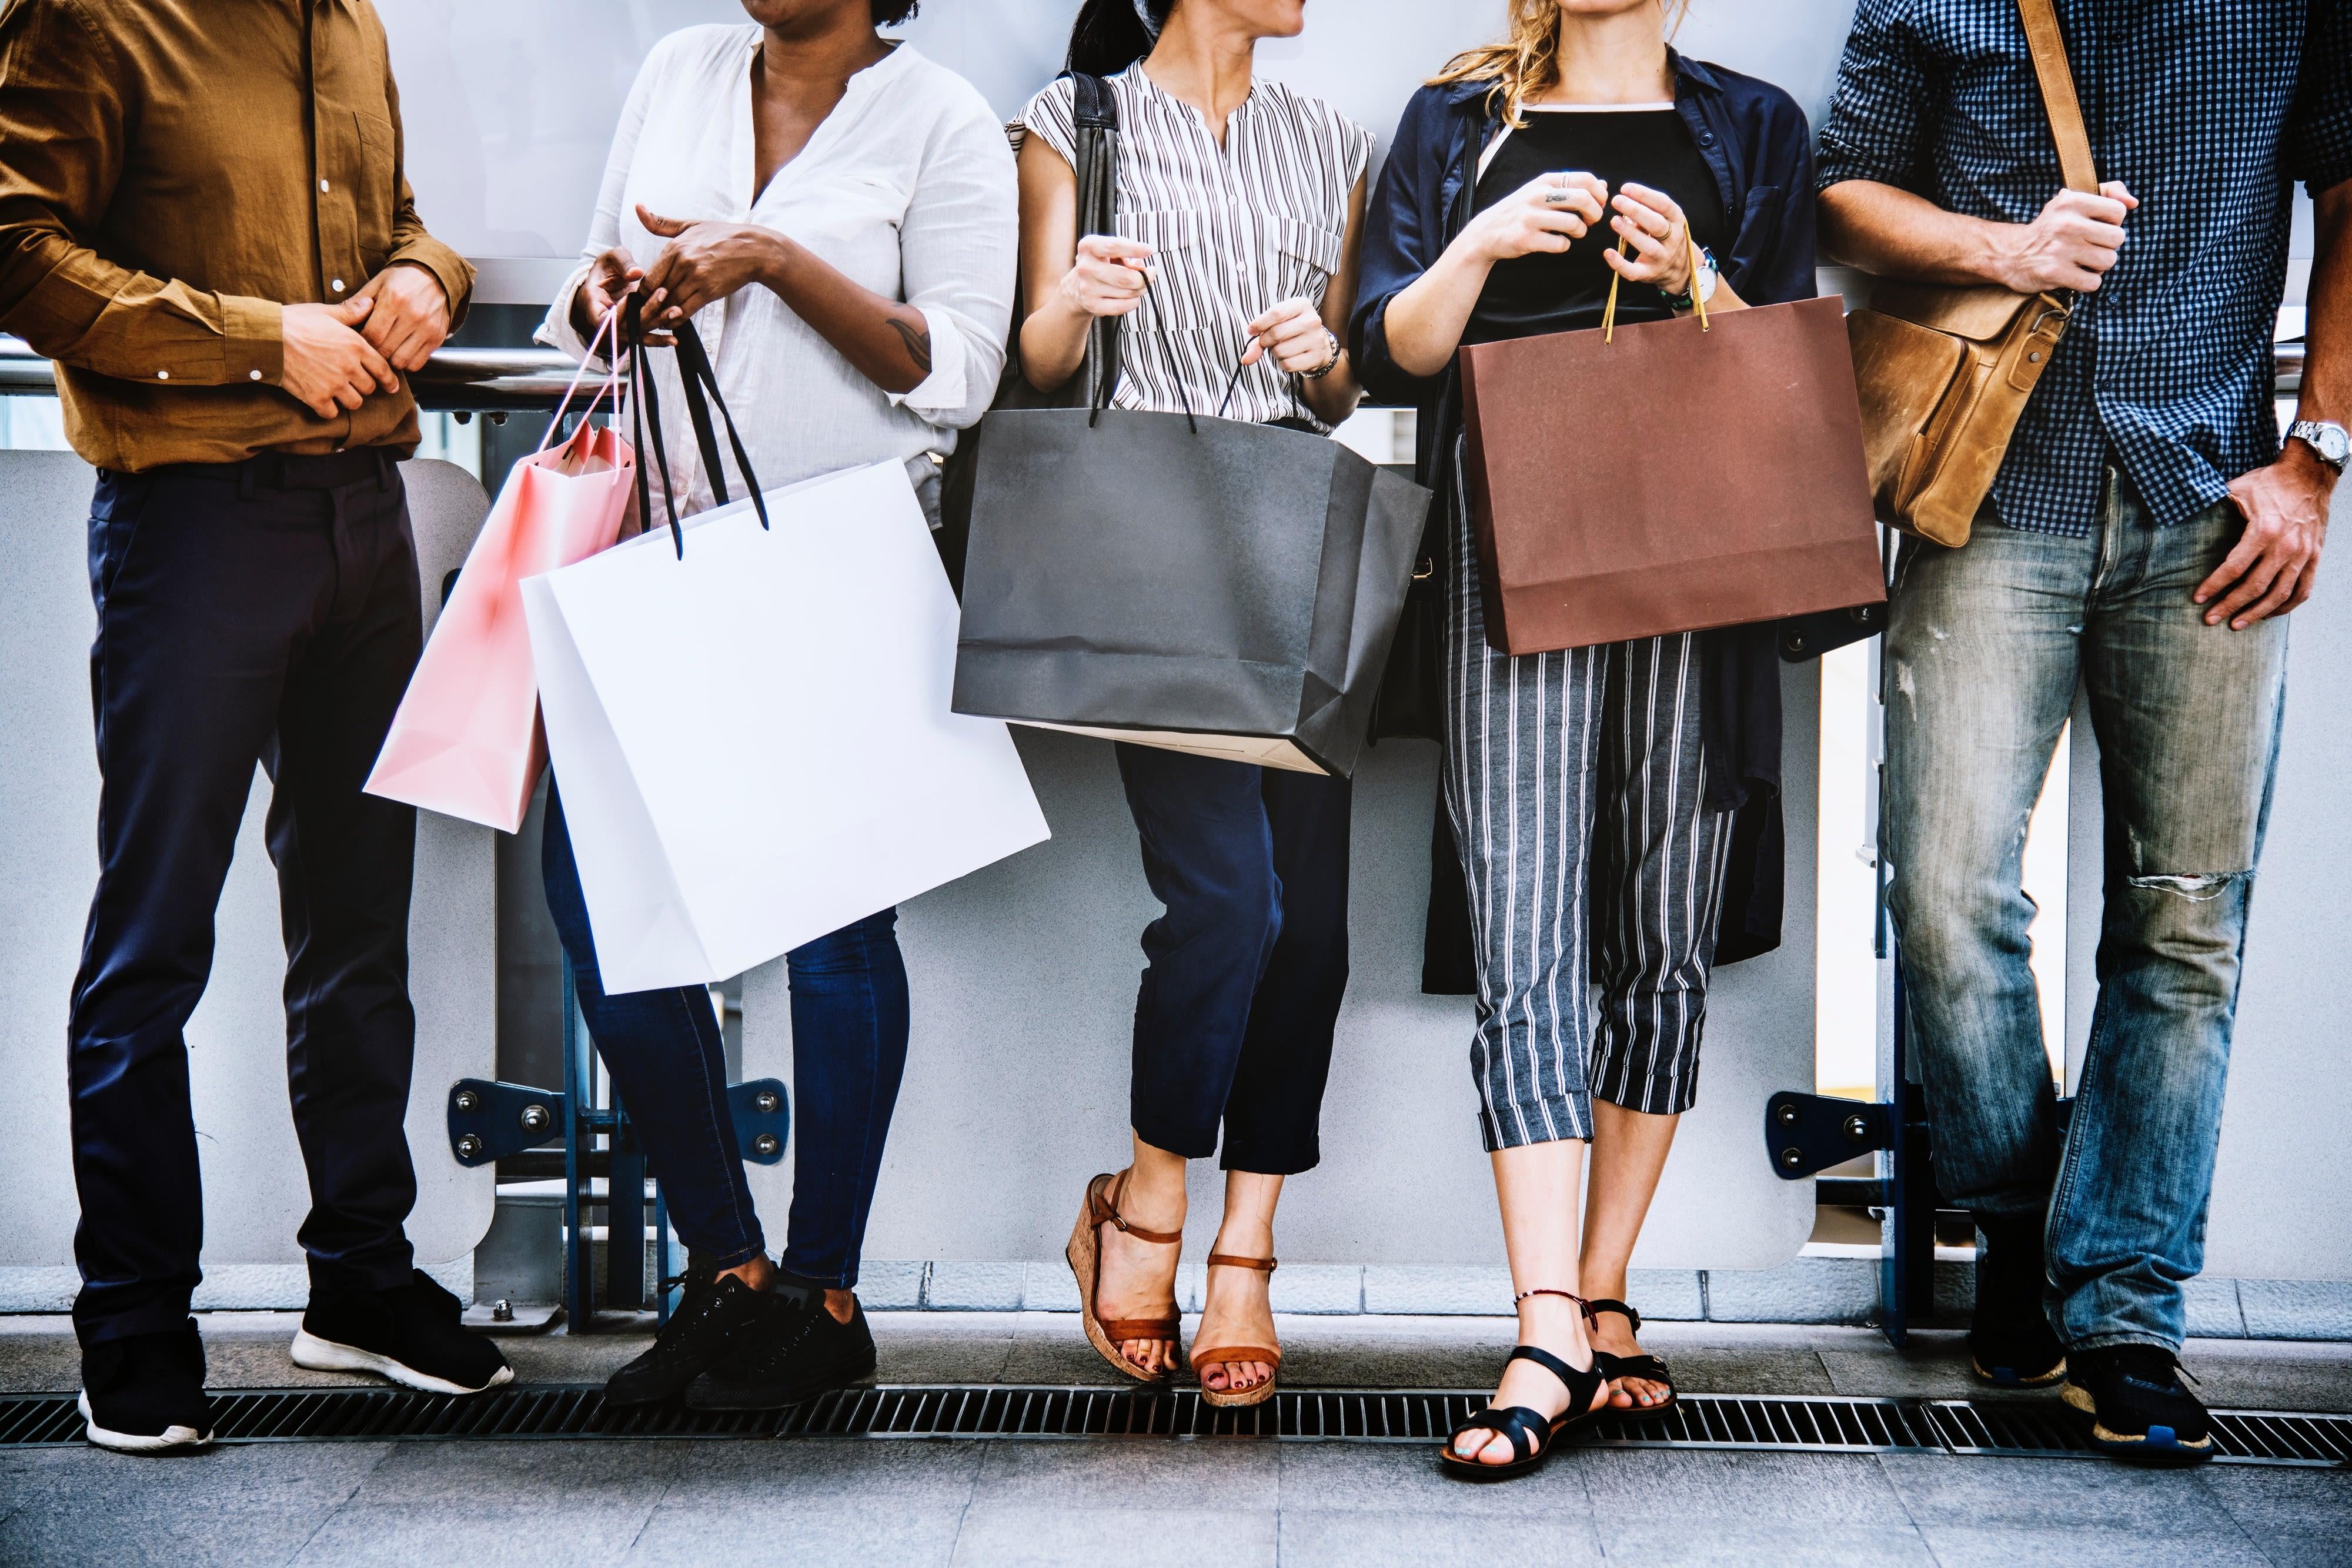 Menschen mit Einkaufstüten